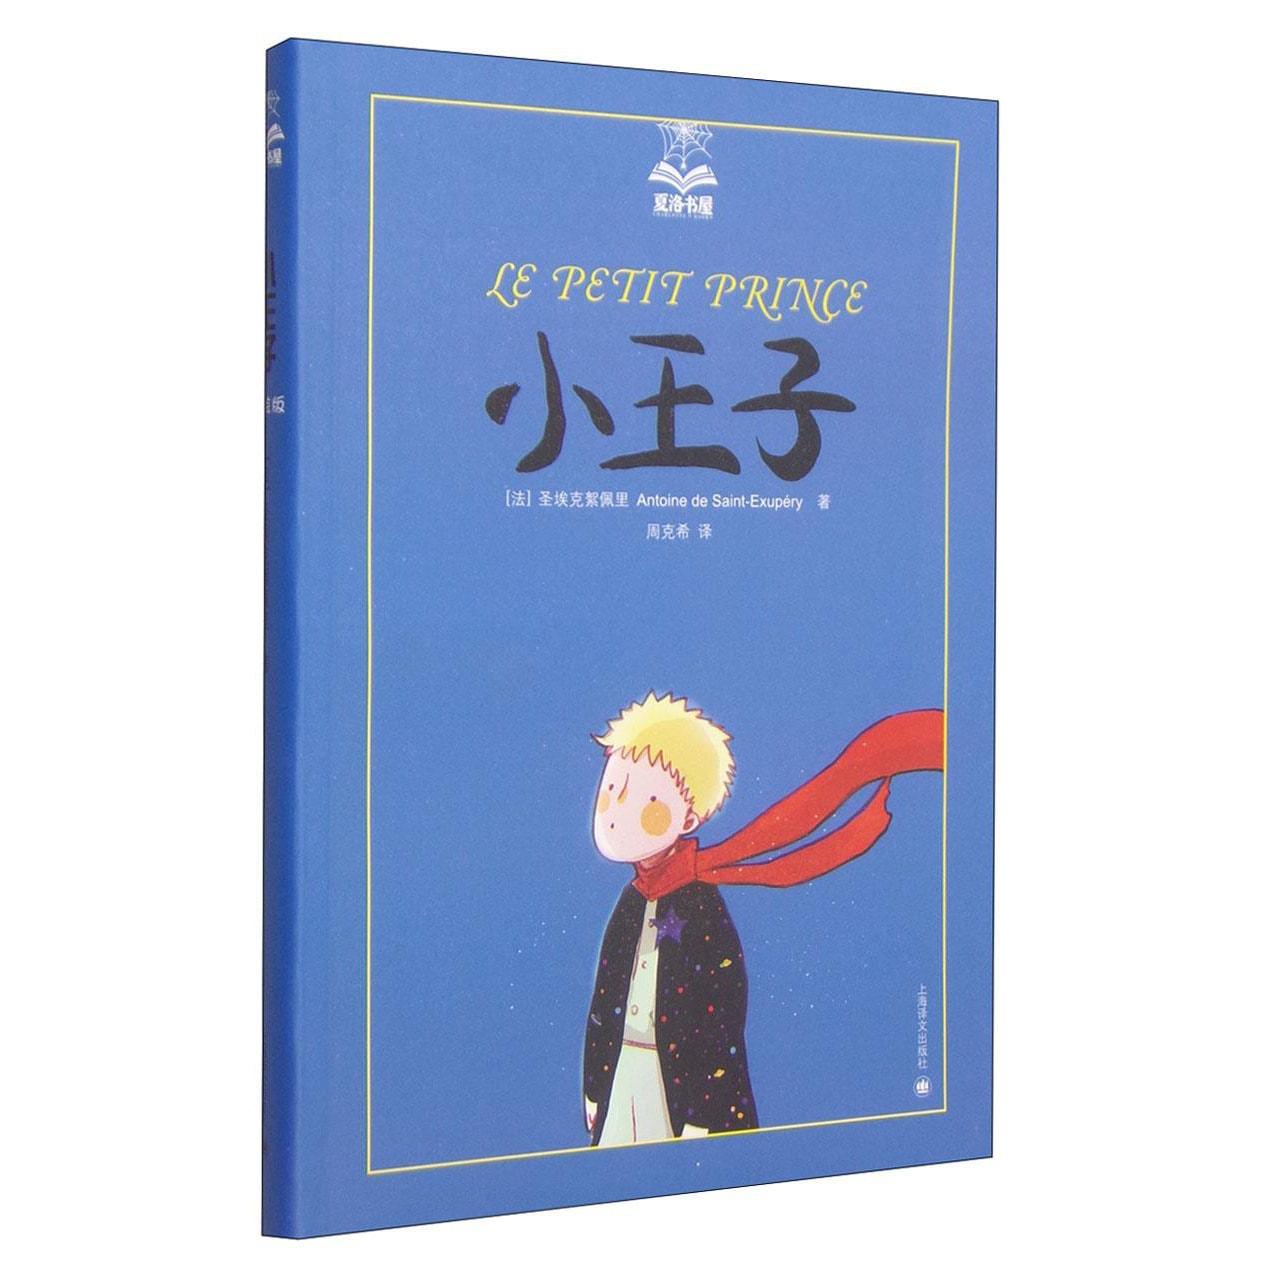 夏洛书屋:小王子 怎么样 - 亚米网